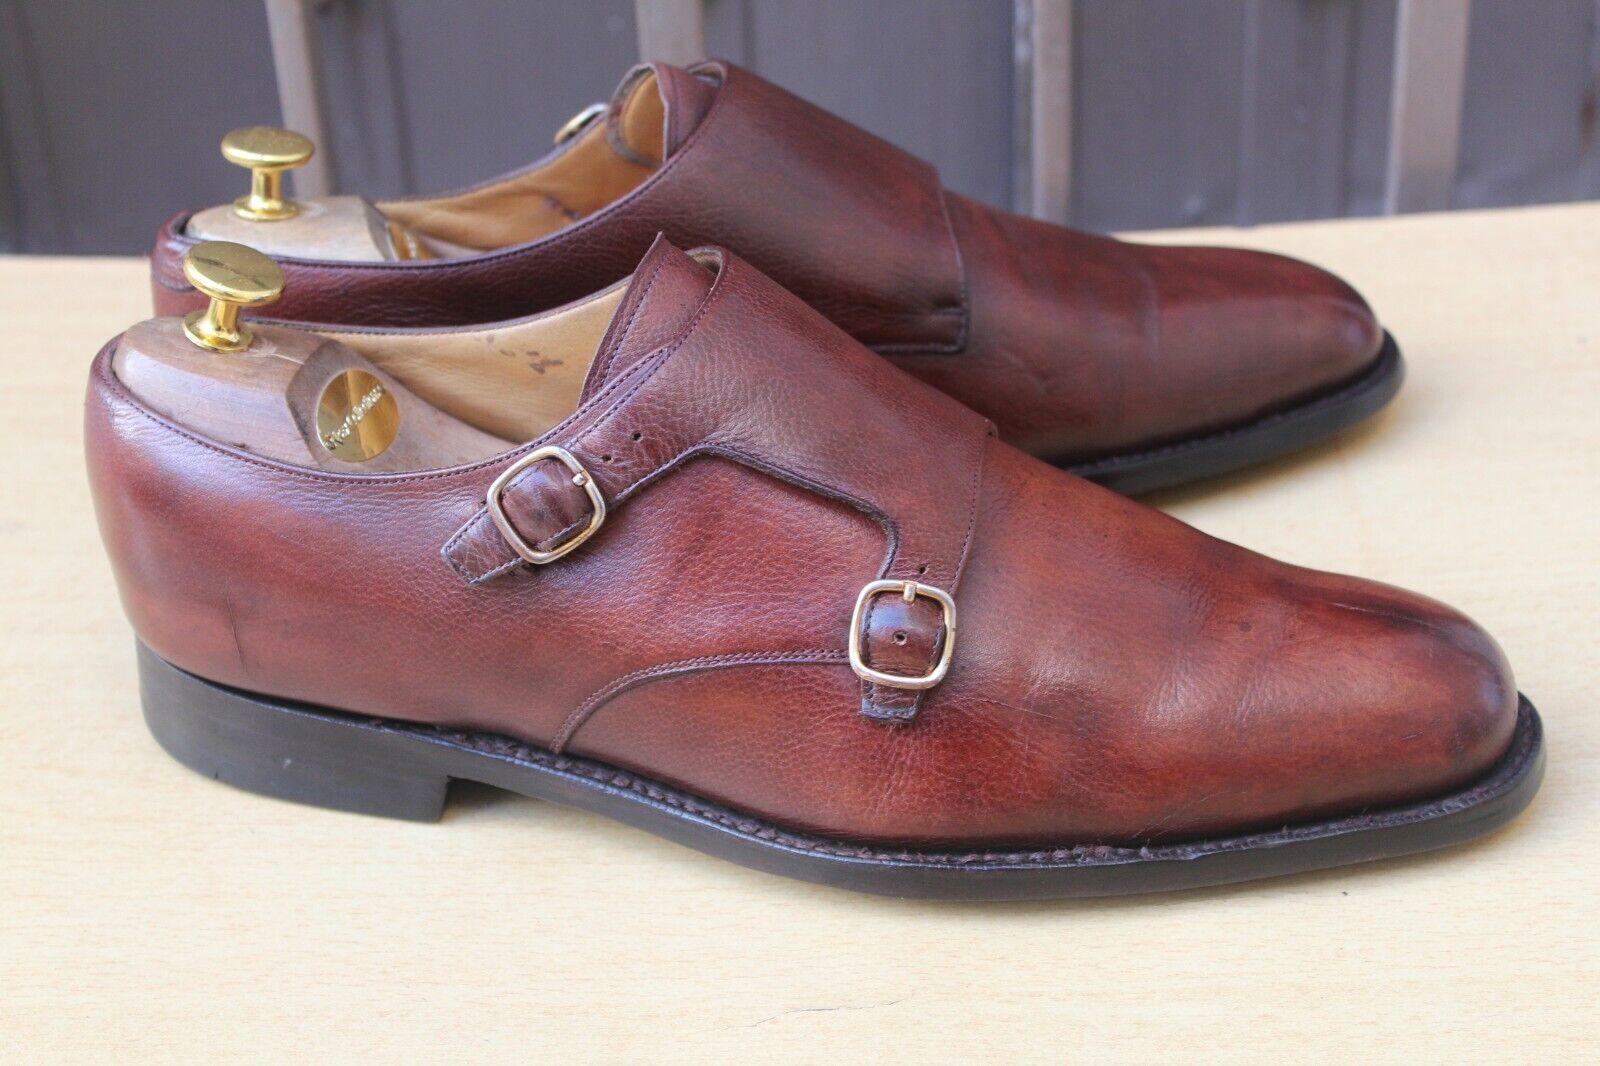 CHAUSSURE CHURCH'S DOUBLE BOUCLES CUIR GRAINE  11 F 45 SUPER ETAT hombres zapatos